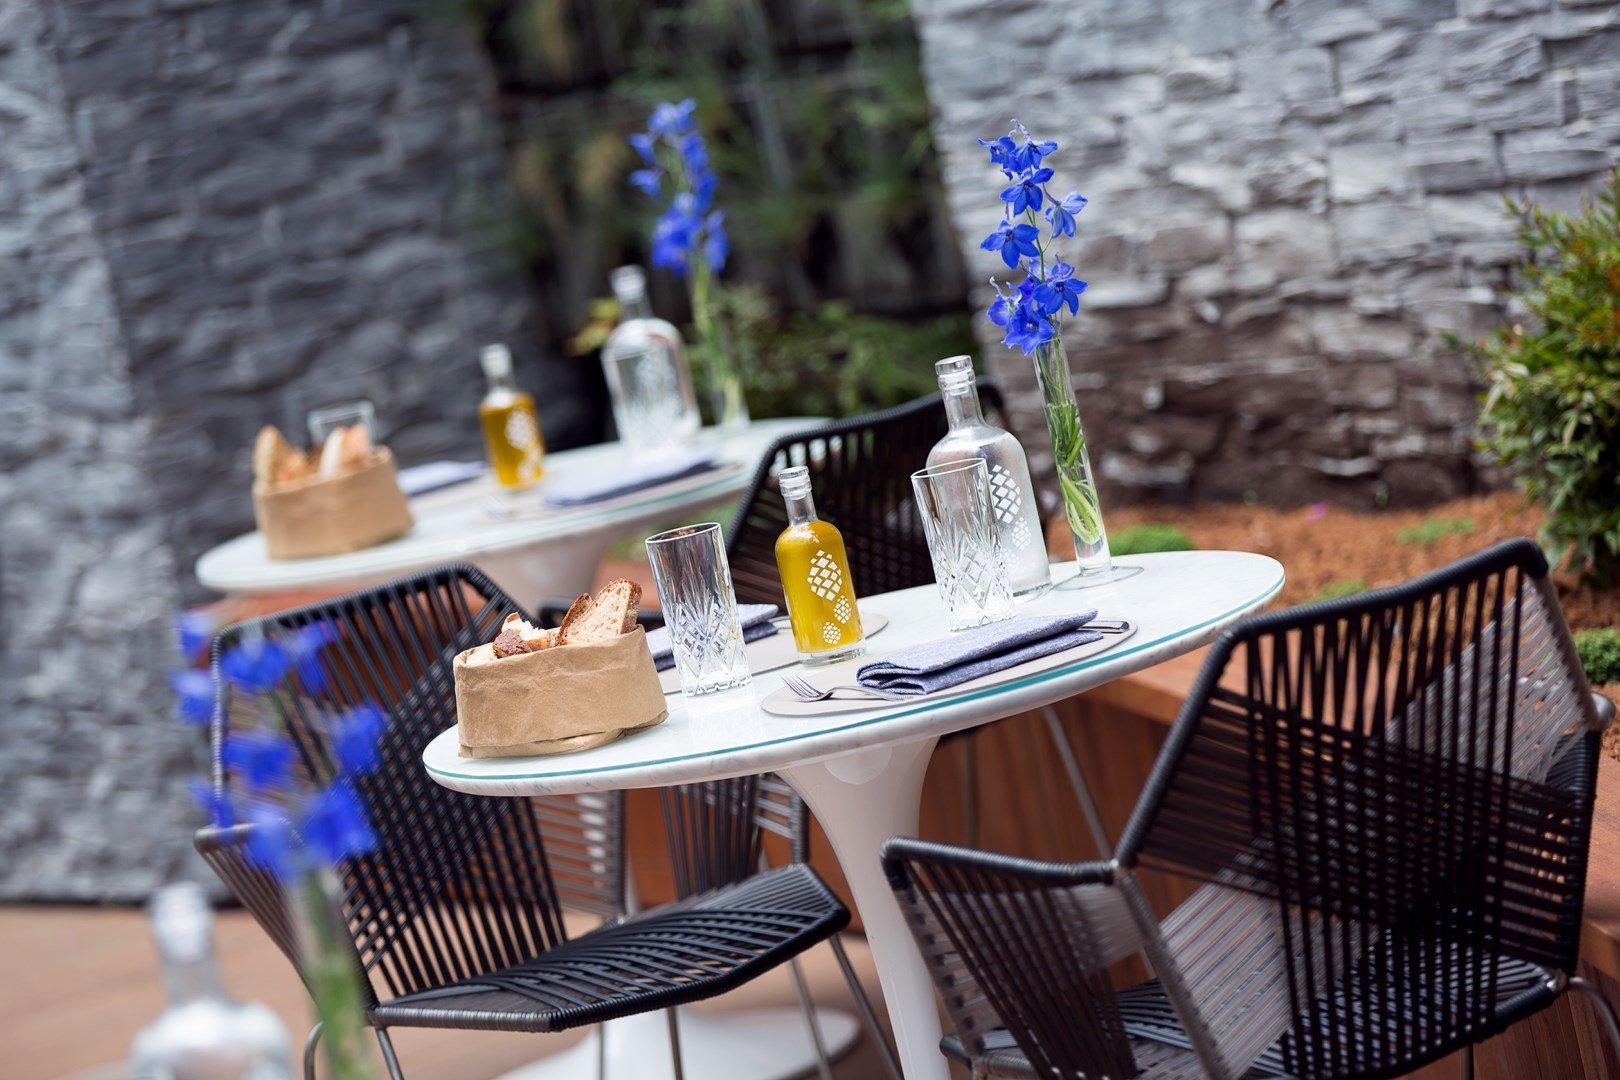 Restaurant Renaissance Republique Menu